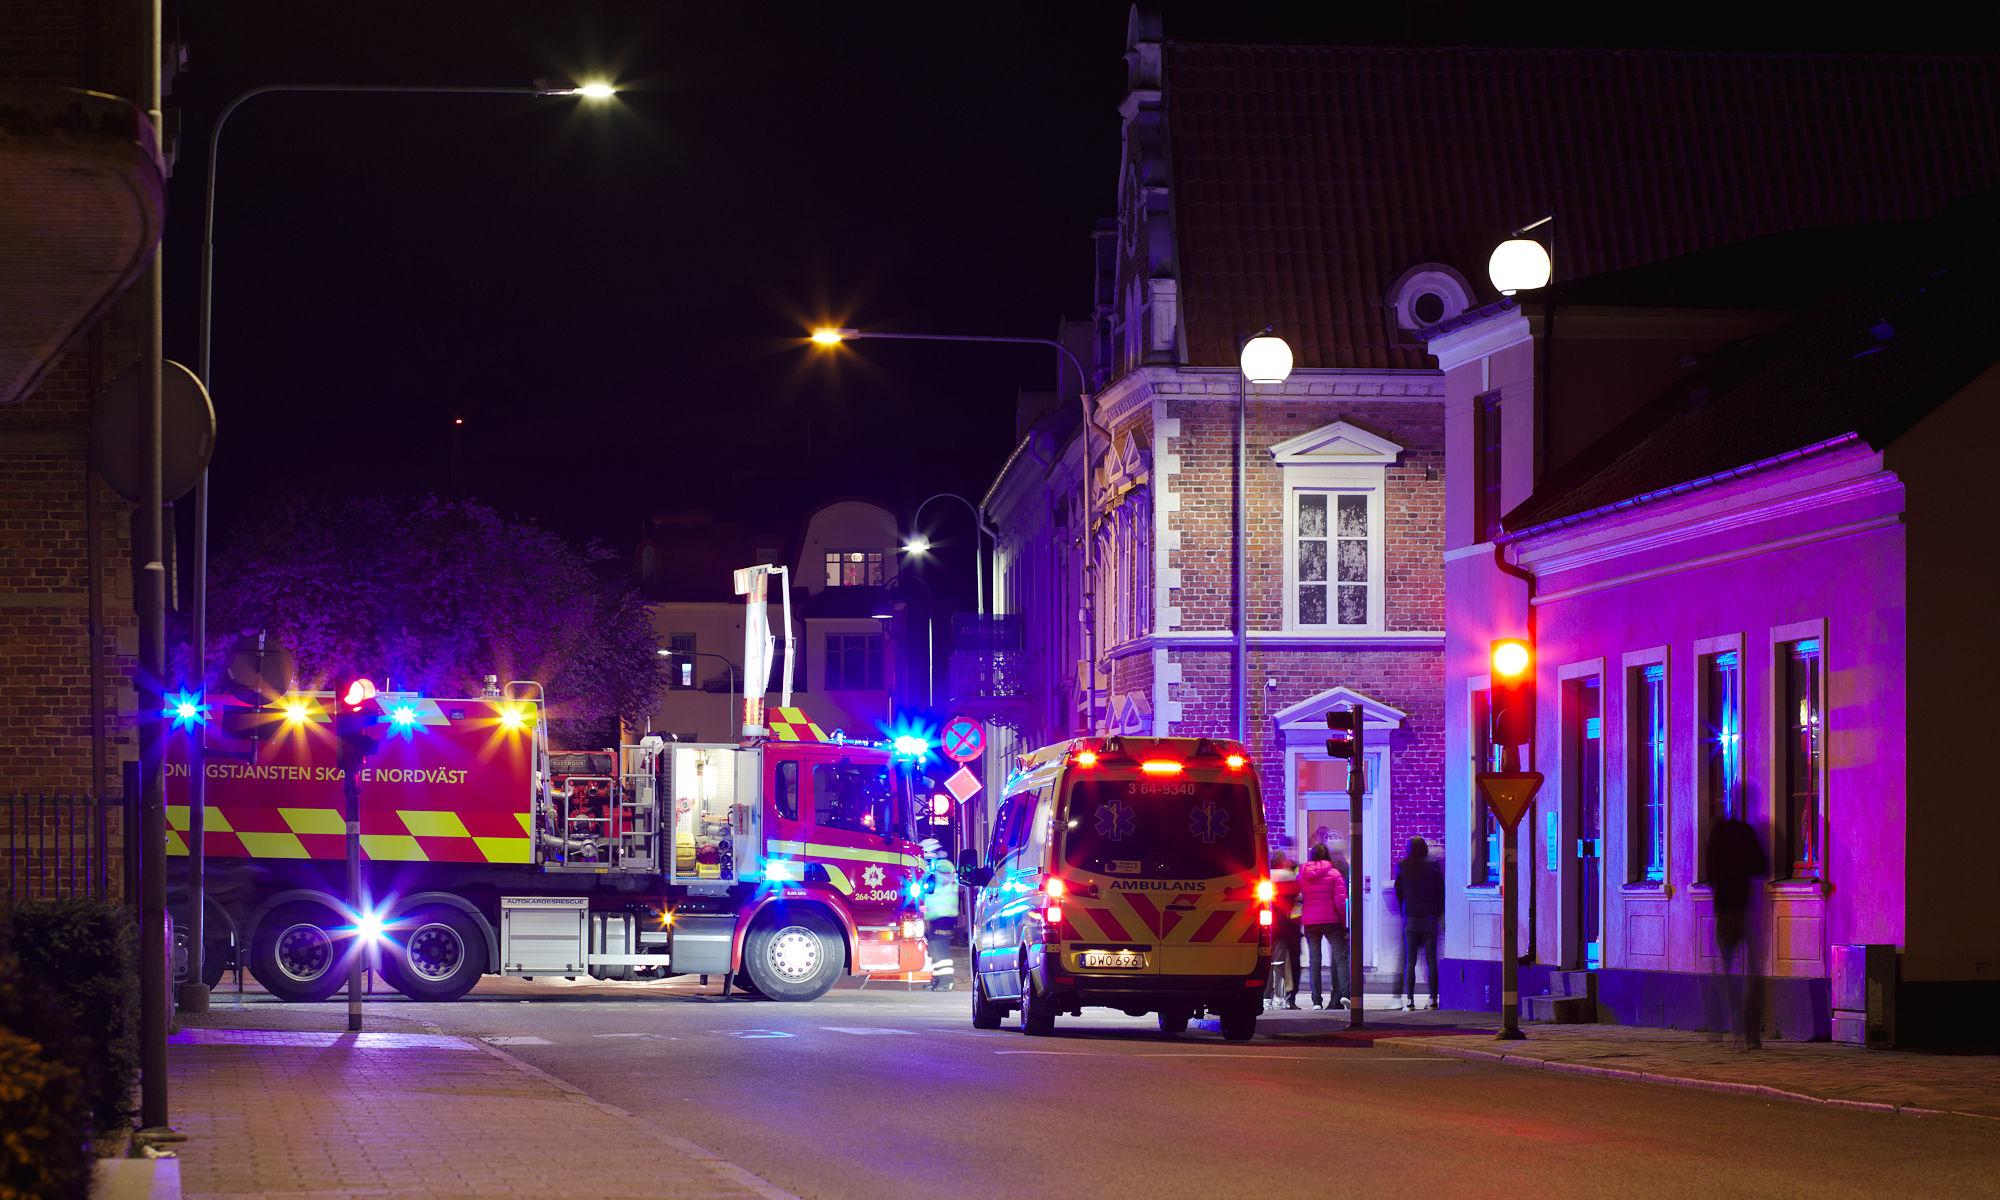 Räddningstjänst vid en mopedolycka en natt